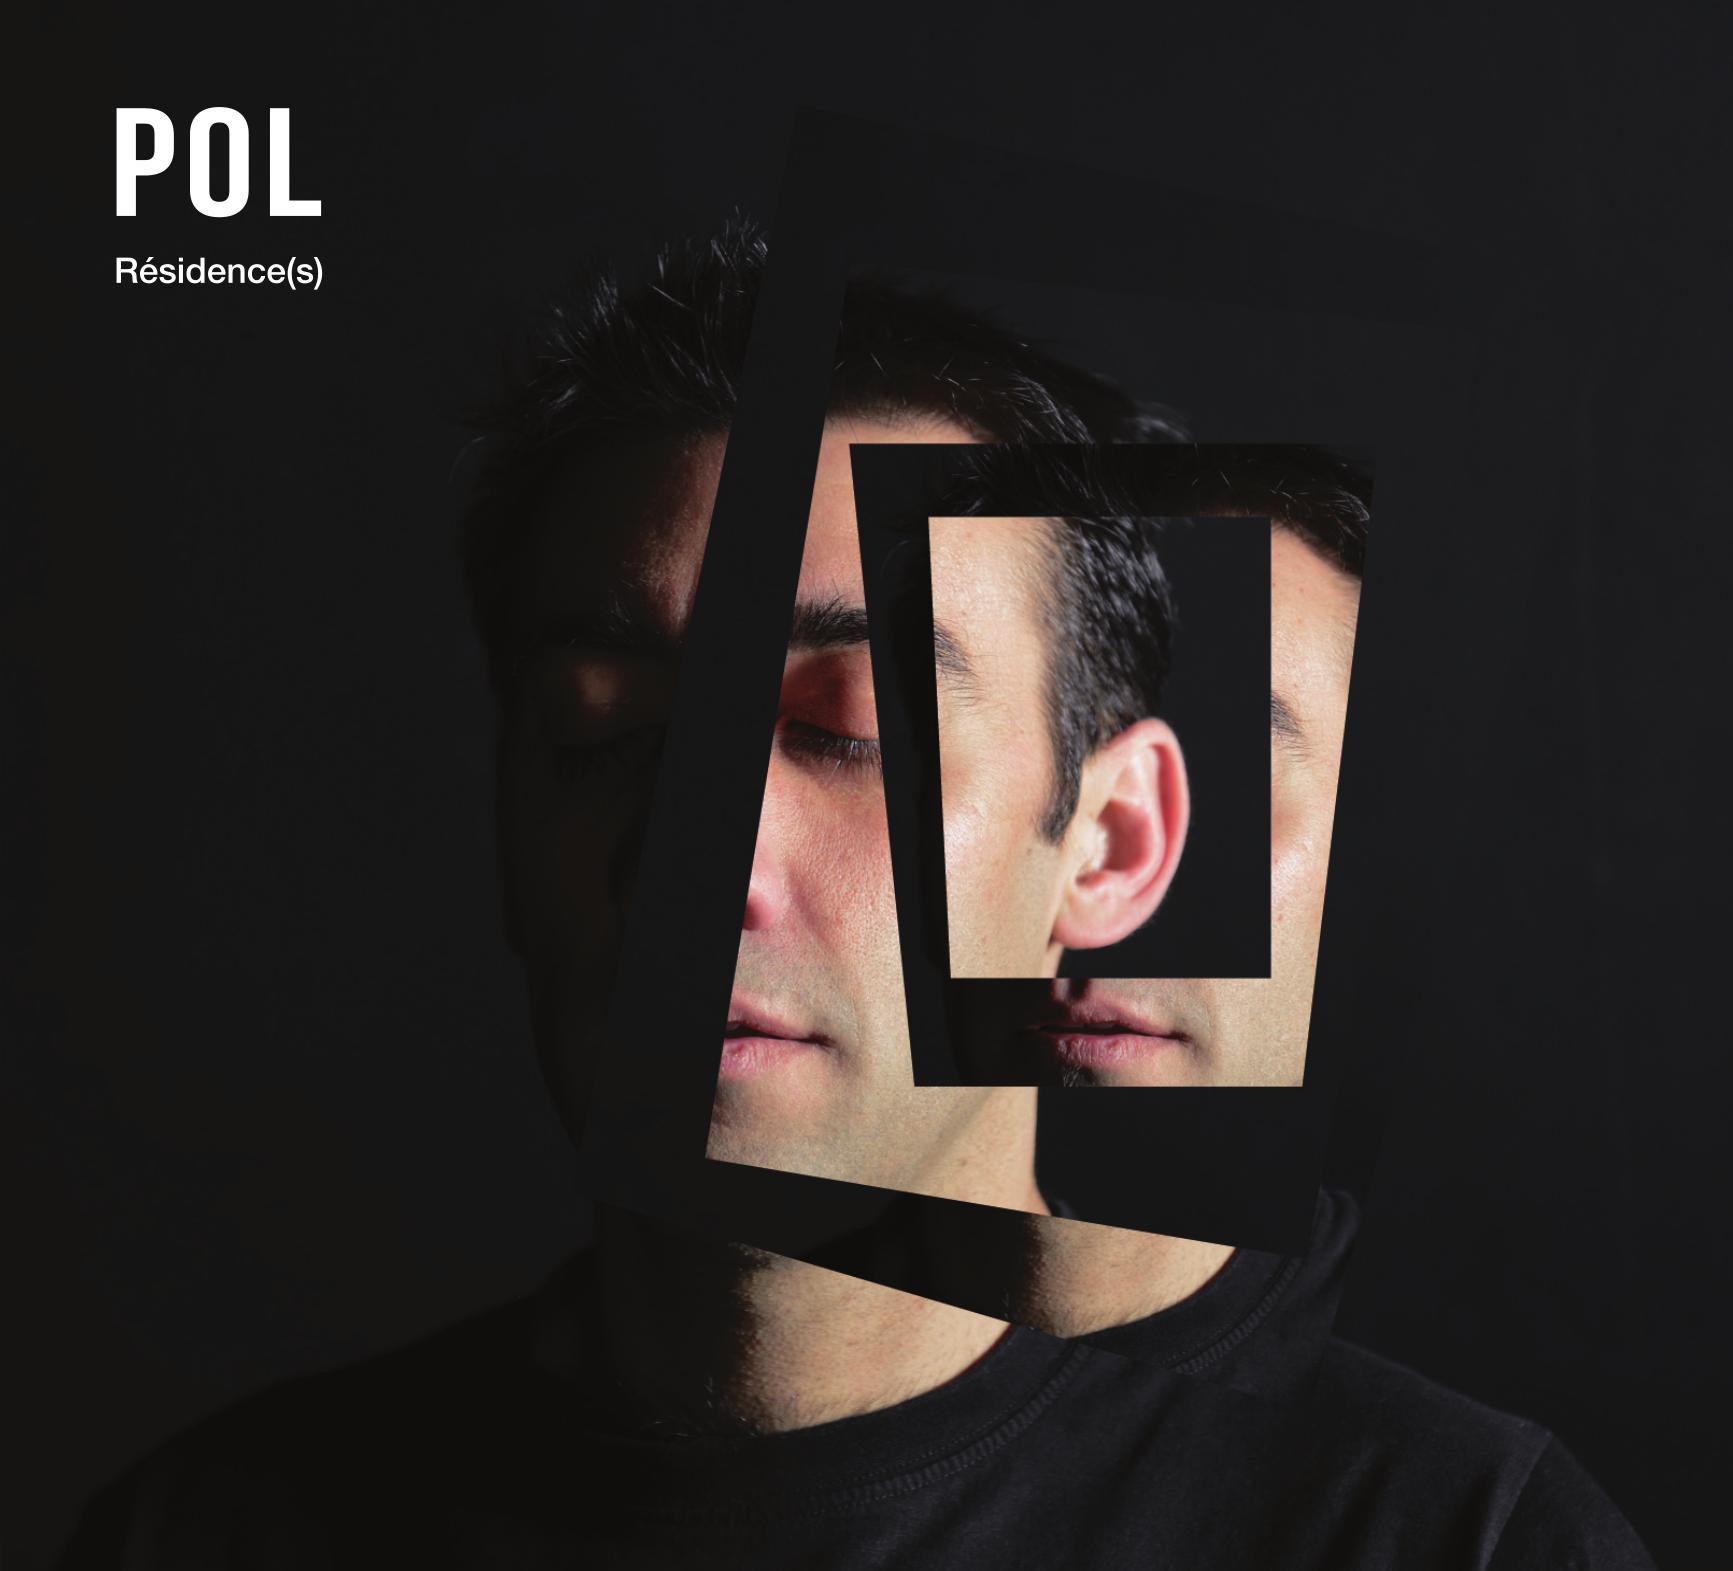 POL – Résidence(s)